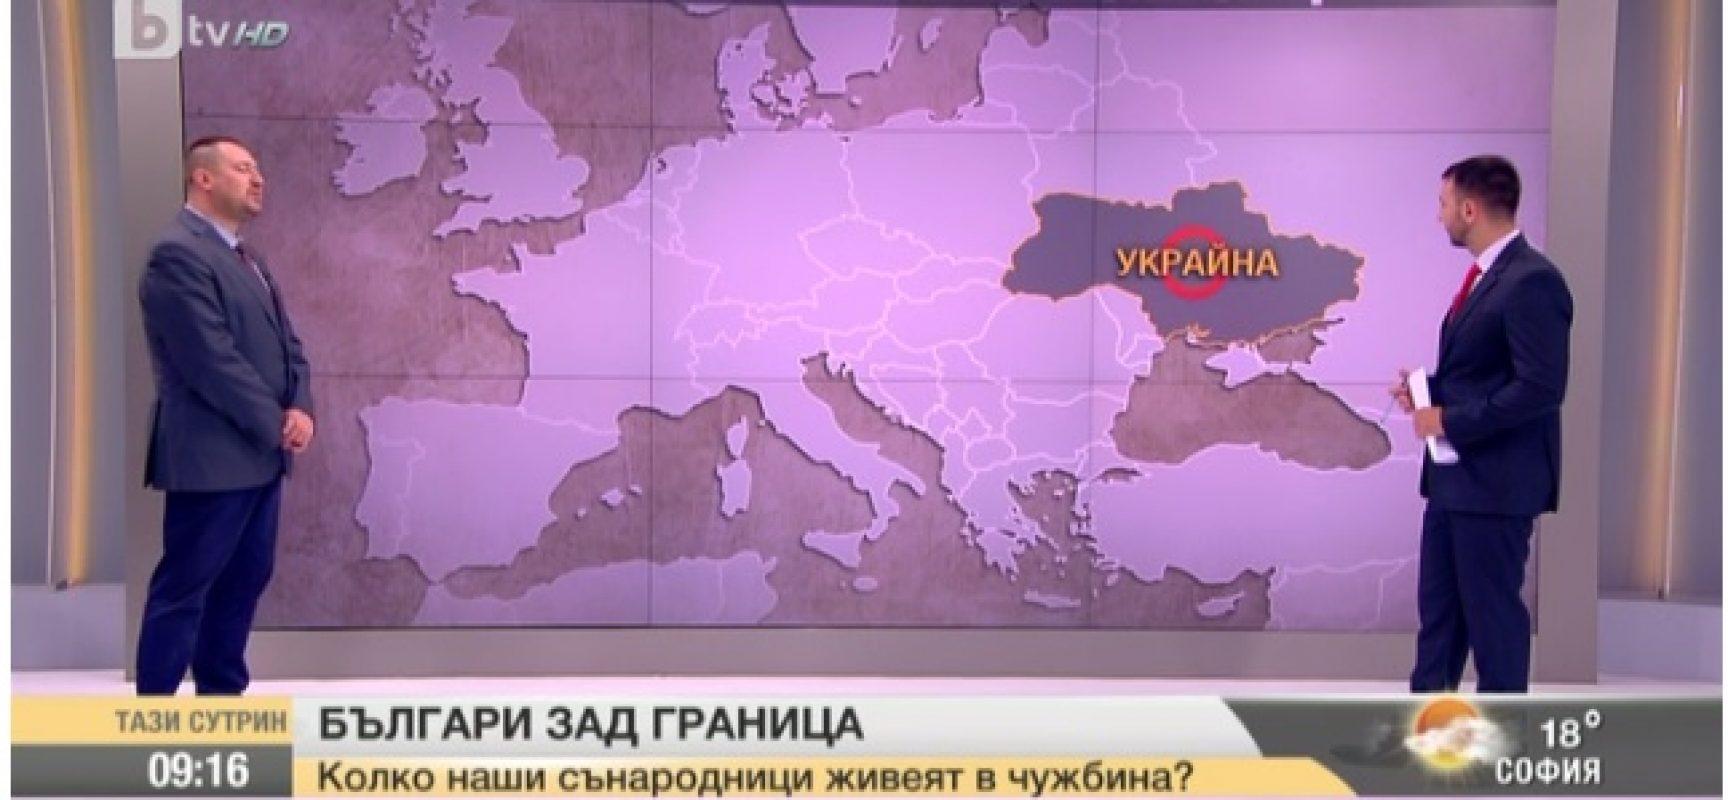 Manipulacii I Karta Na Ukrajna Bez Krim I Chast Ot Odeska Oblast V